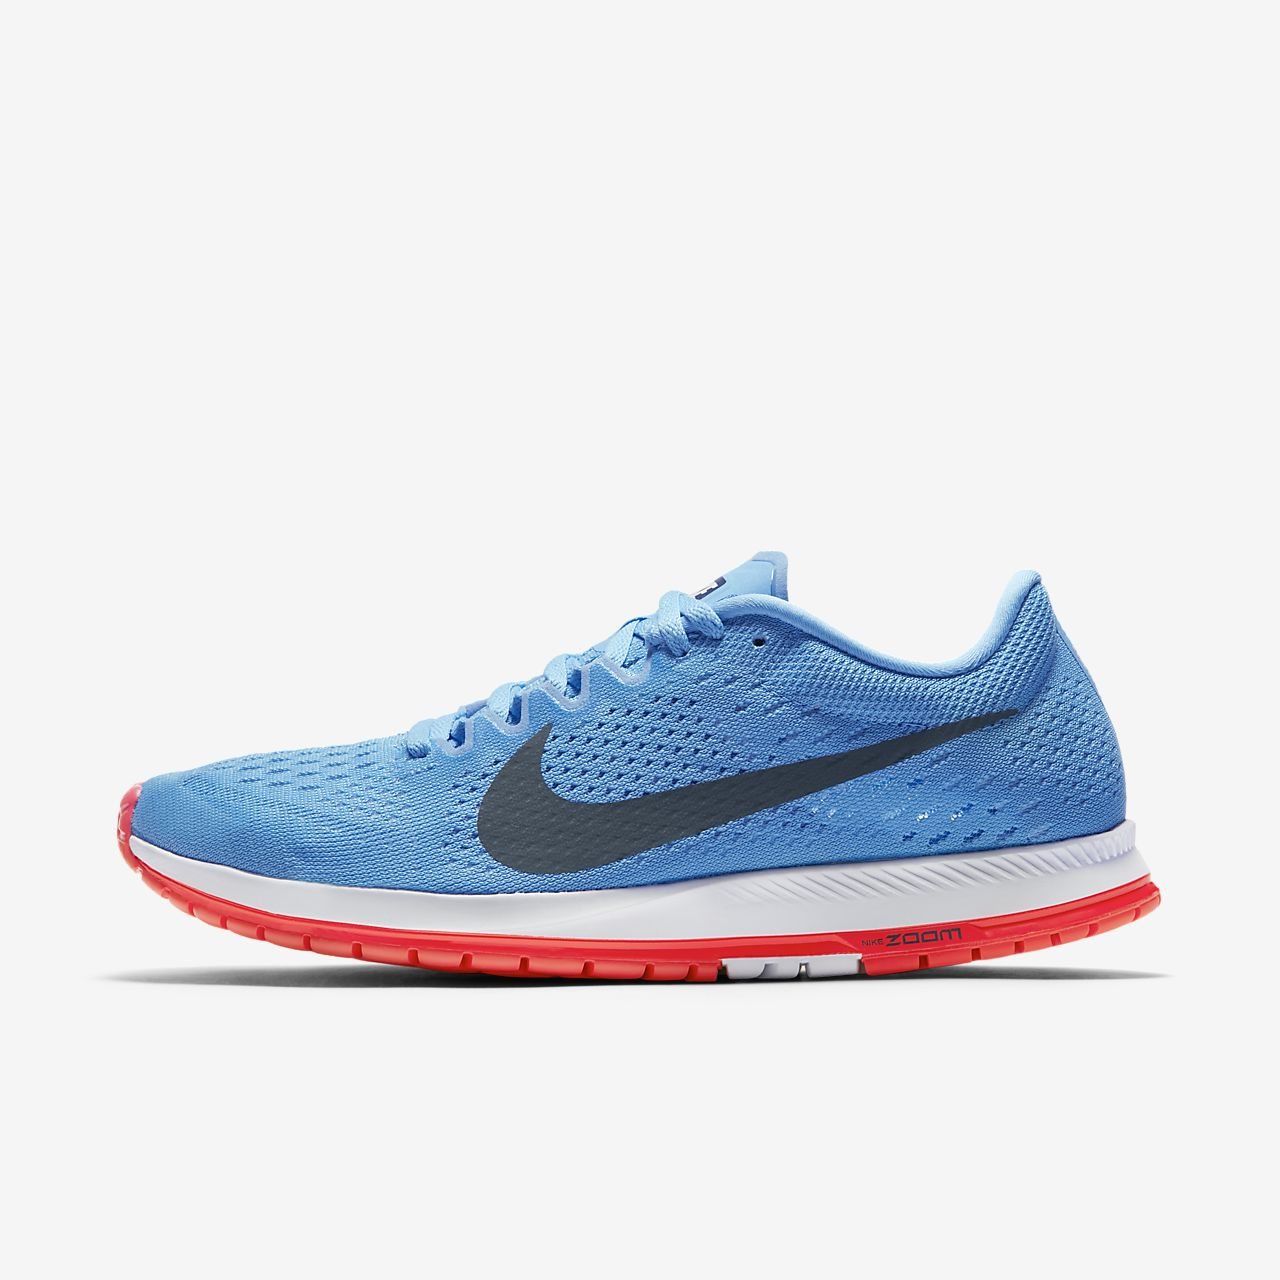 size 40 8d174 e8070 Nike Herren Zoom Streak 6 Laufschuhe - muwi-duesseldorf.de